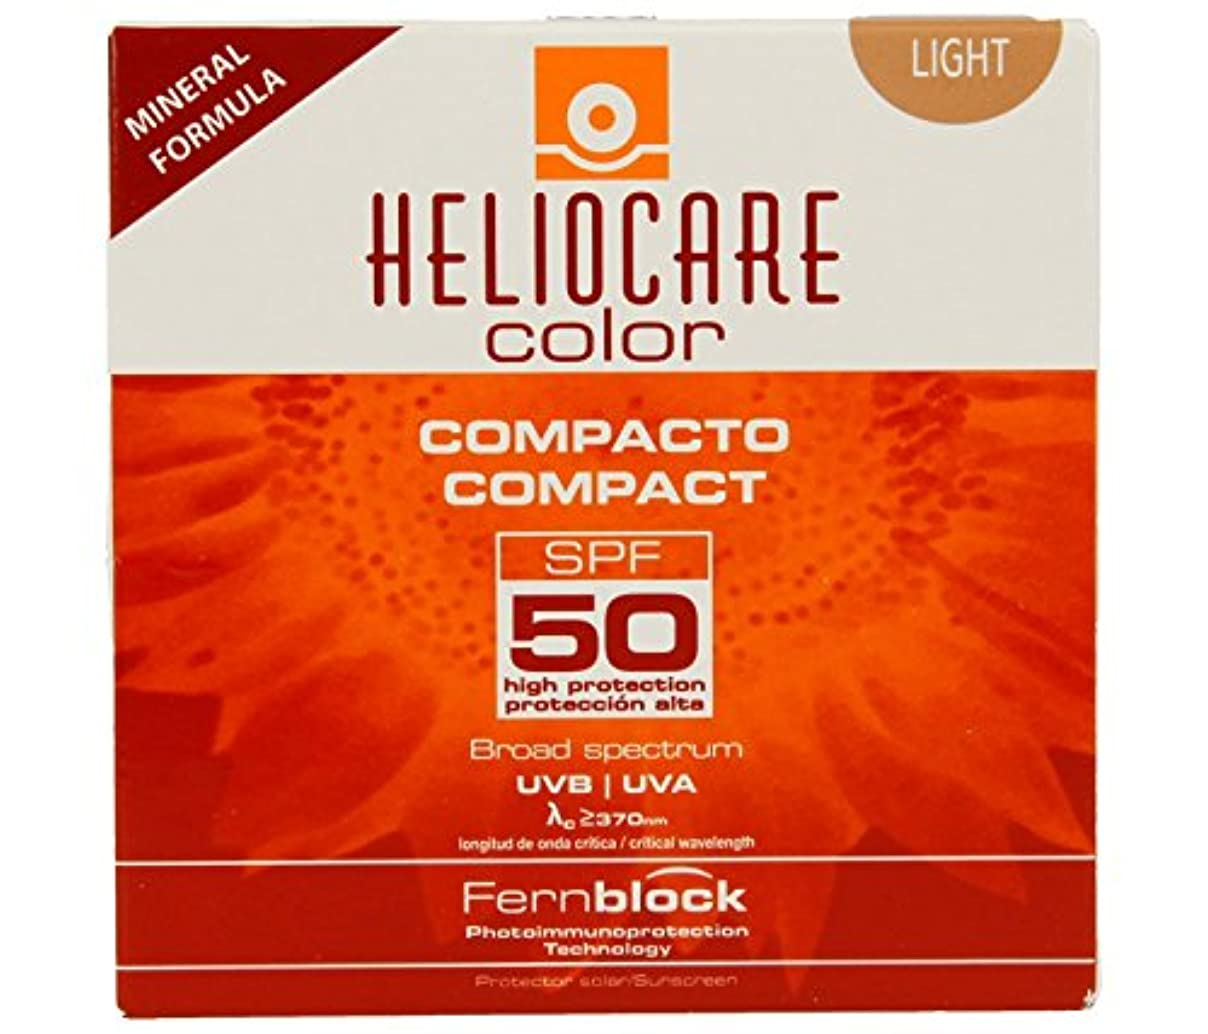 歴史的石炭浮くHeliocare 50コンパクトパウダーカラーライト10グラム